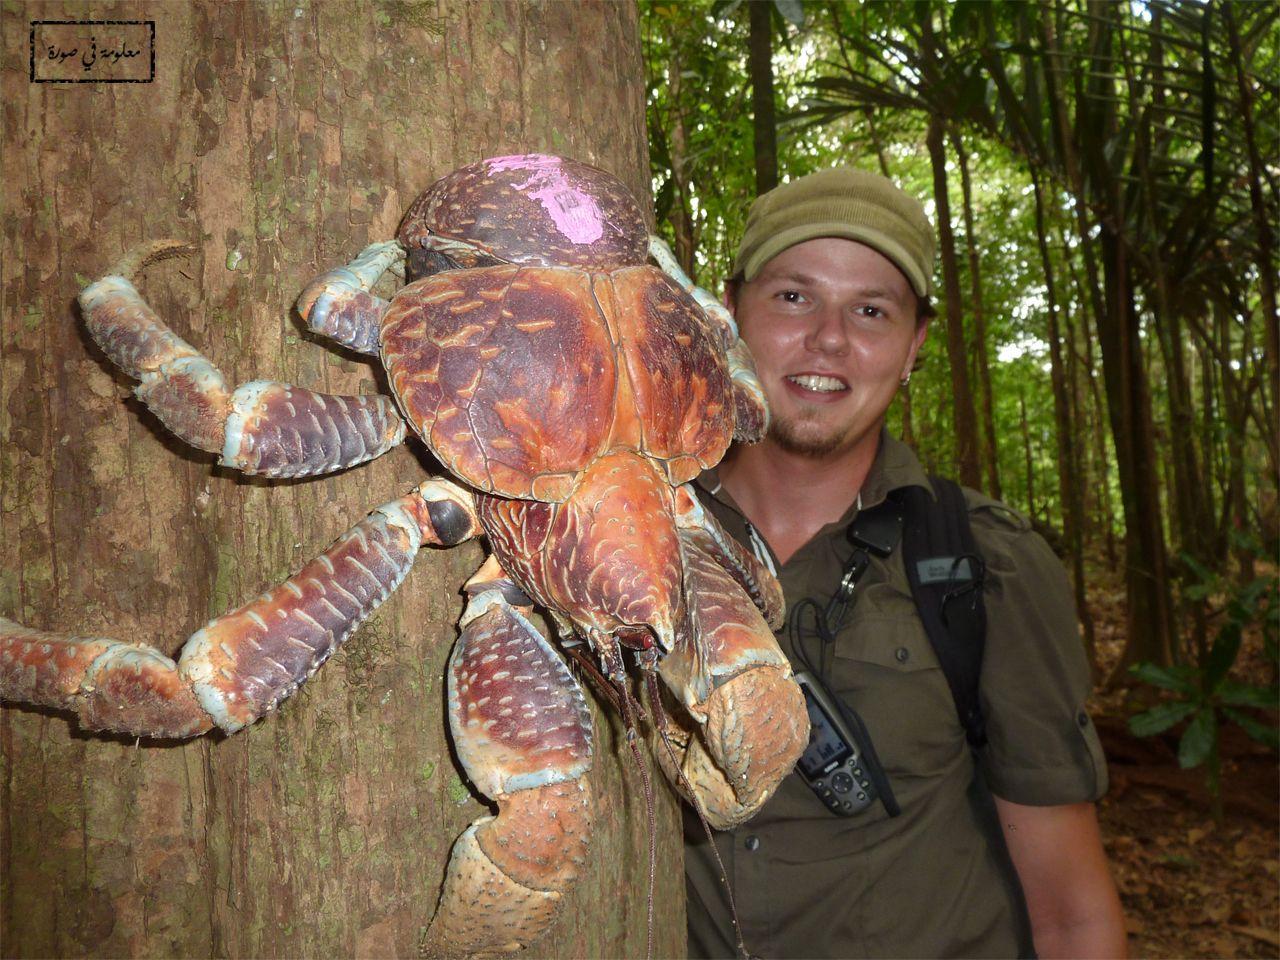 سرطان جوز الهند هو ليس فقط أكبر أنواع السرطانات الموجودة على الأرض بل هو أيضا أكبر أنواع مفصليات الأرجل البر Coconut Crab Weird Animals Wild Animals Pictures